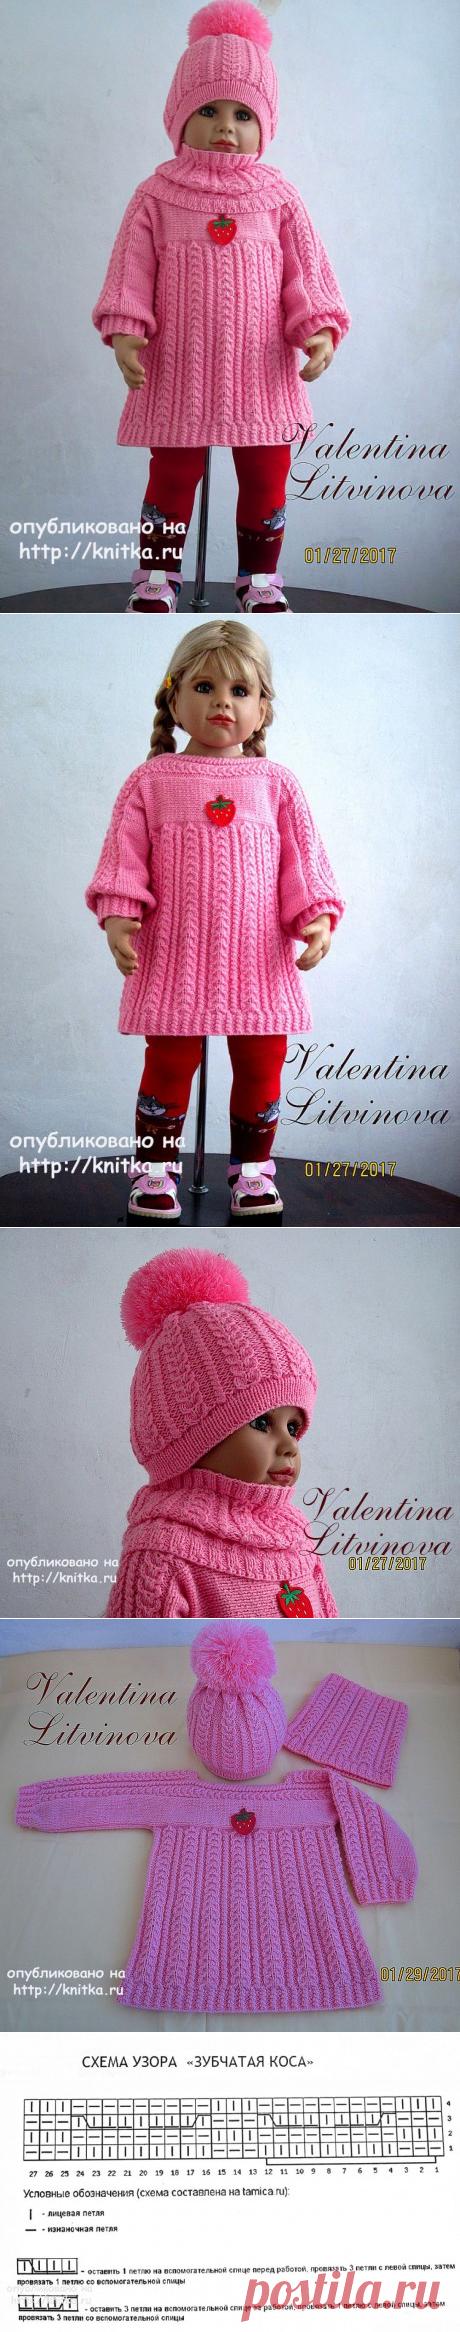 Комплект для девочки Ягодка. Авторская работа Валентины Литвиновой, Вязание для детей